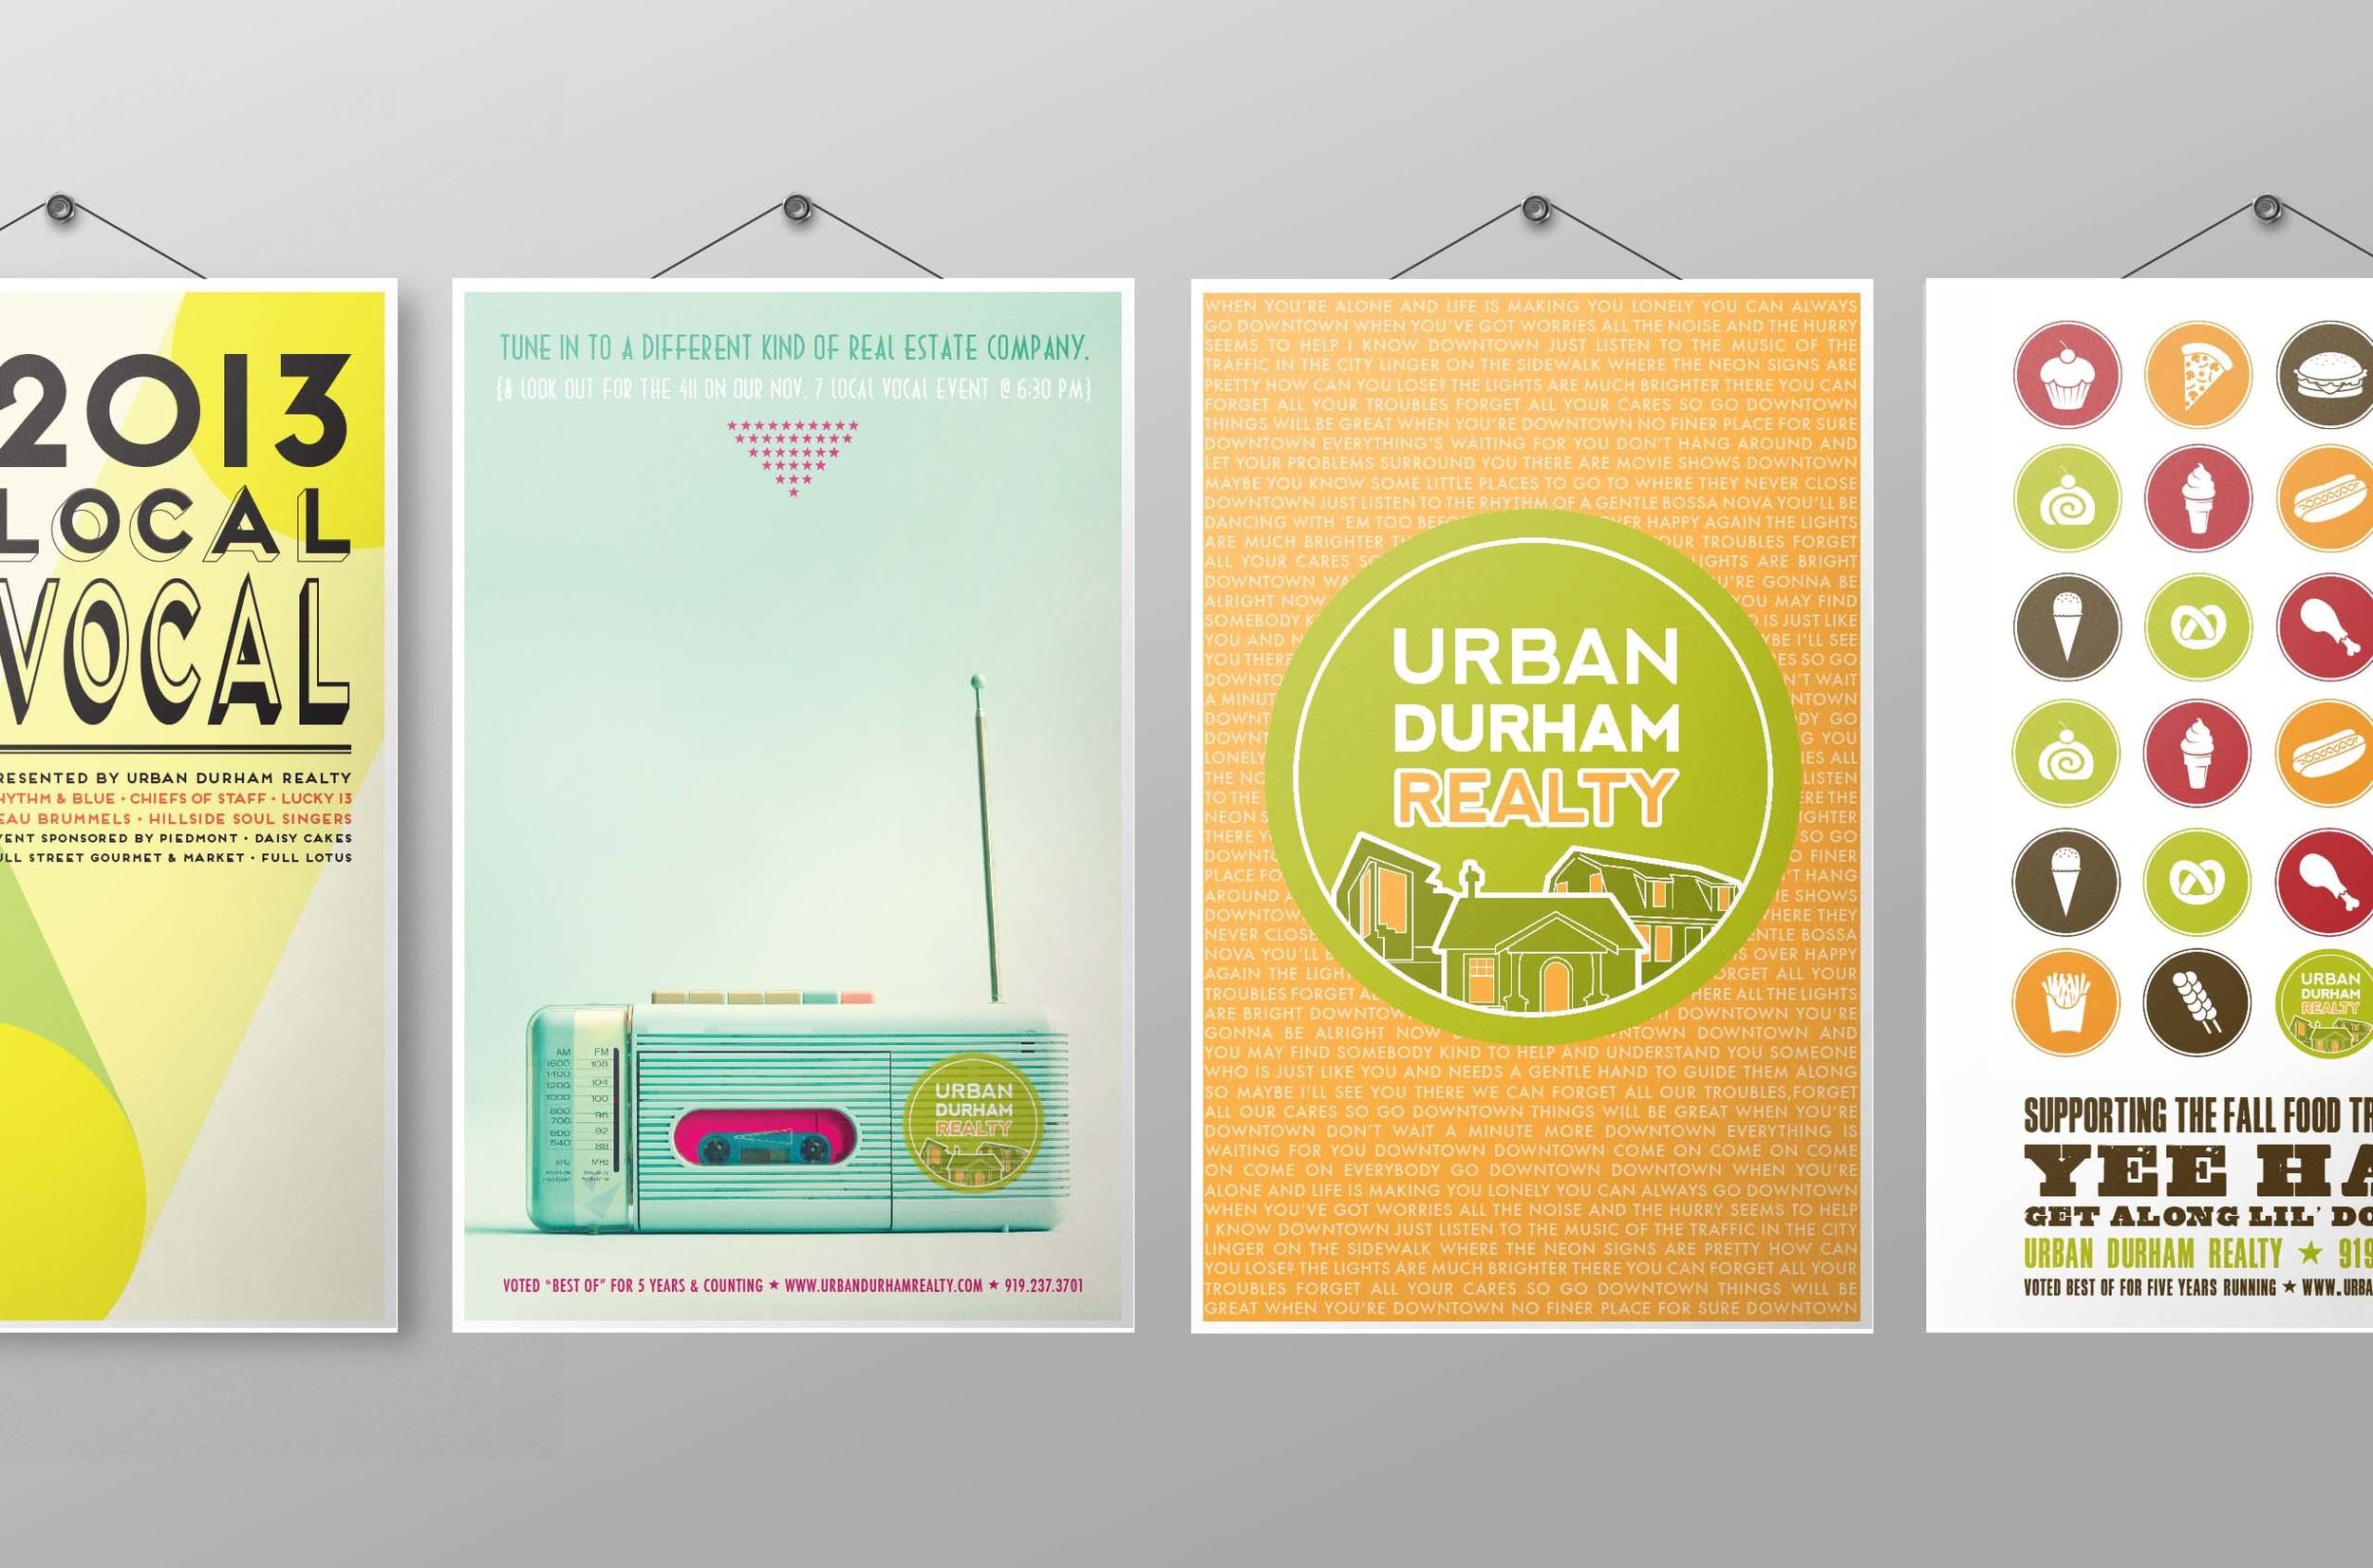 Urban Durham Realty